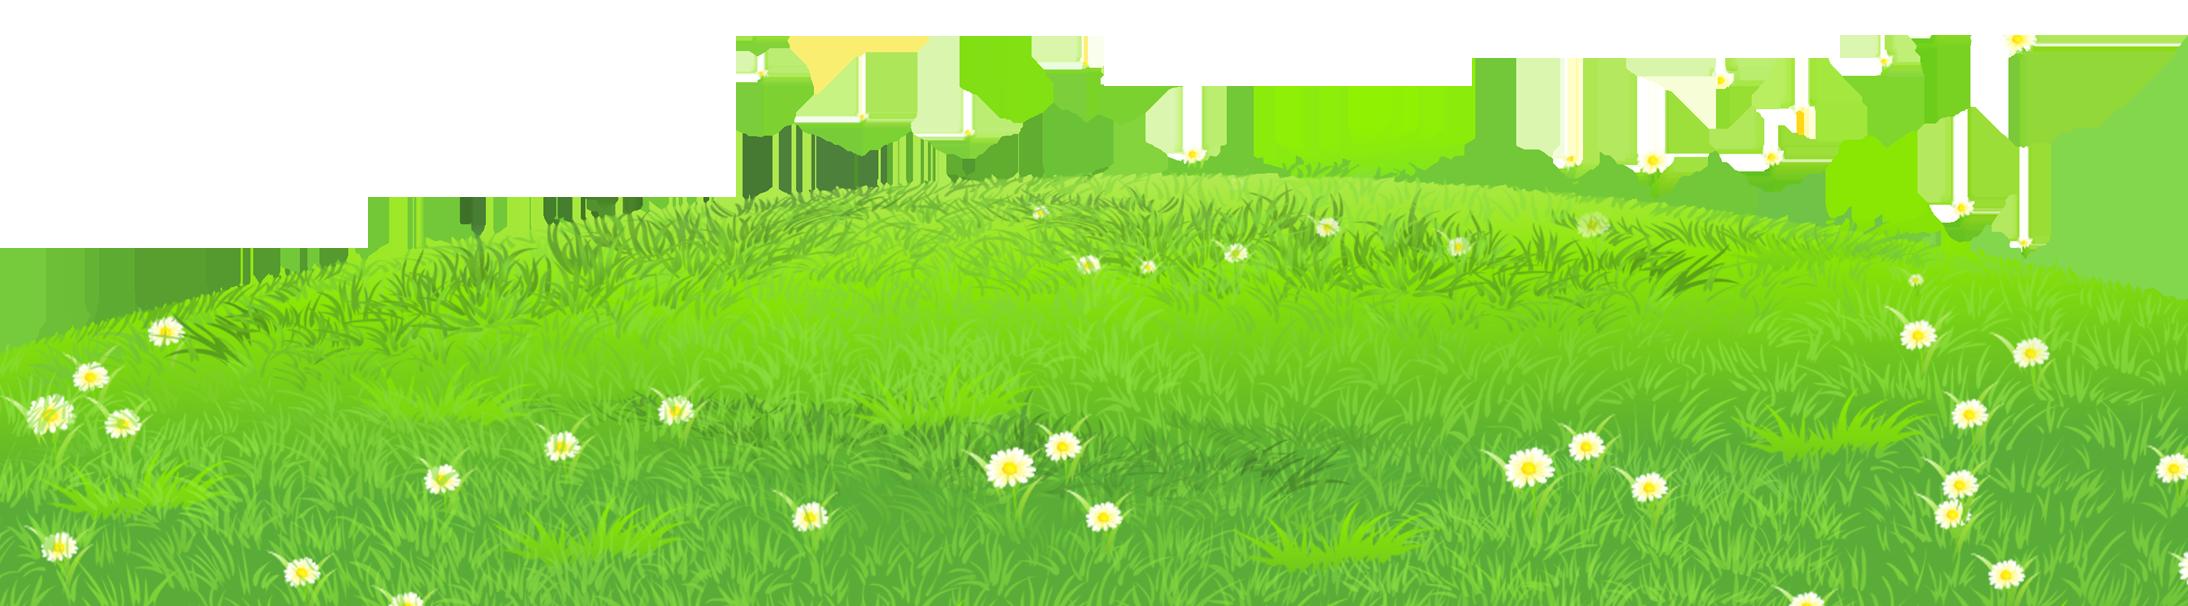 clip art backgrounds. 130acde - Field Clip Art